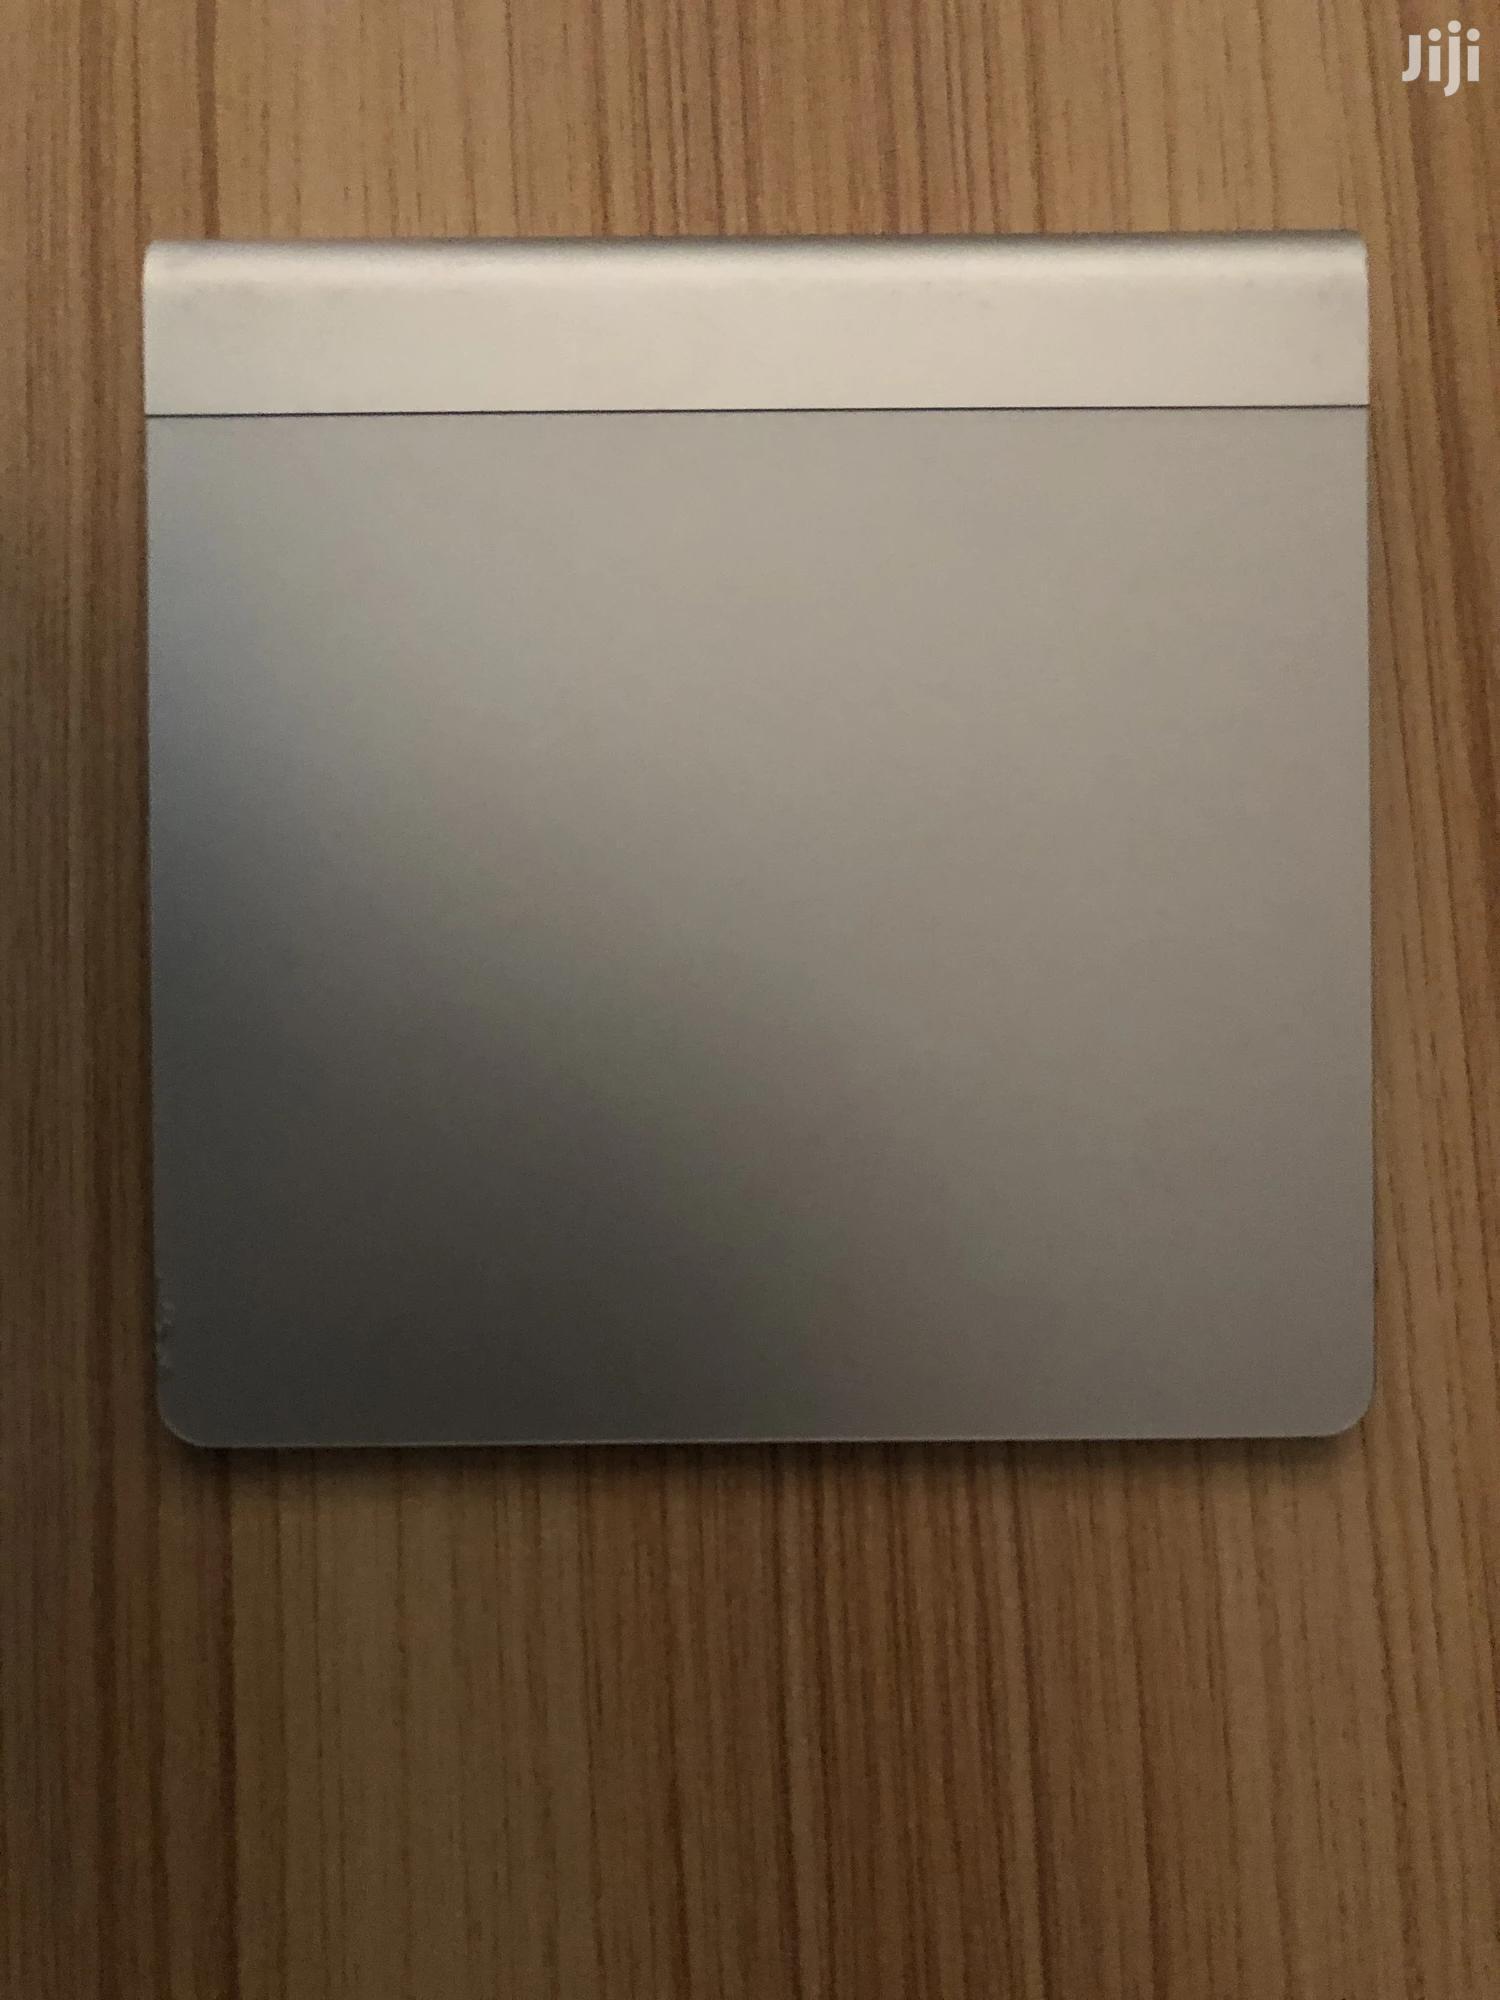 Original Apple Trackpad Series 1